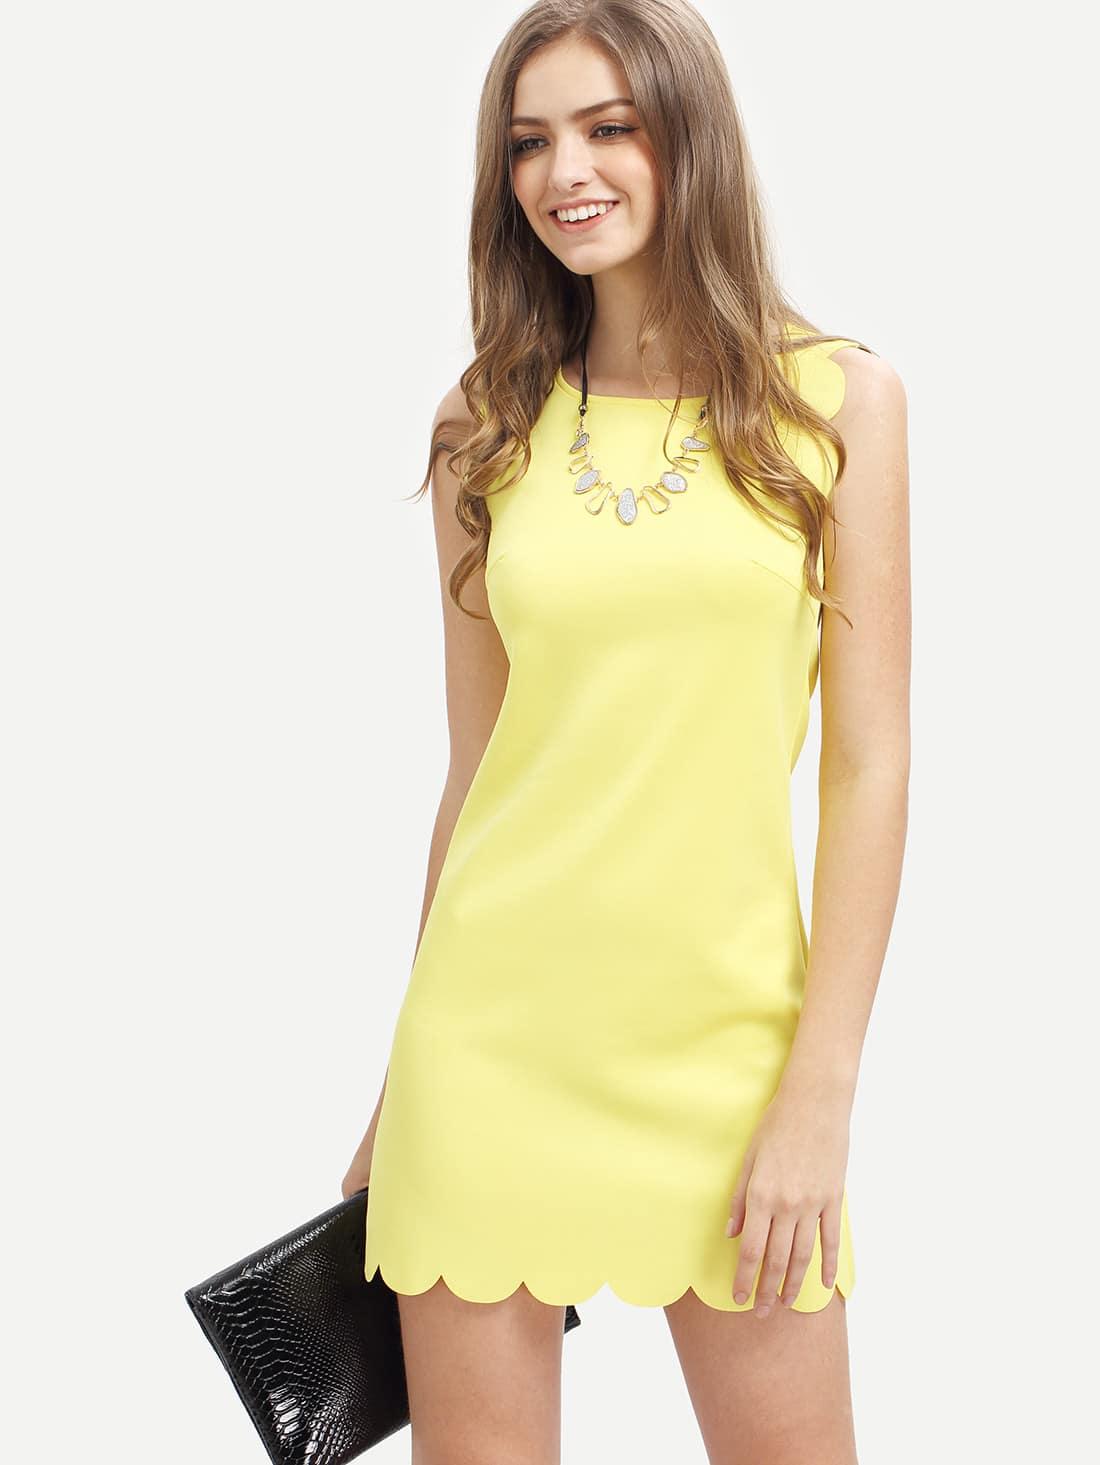 Купить Жёлтое модное платье с фестонами, Luiza, SheIn